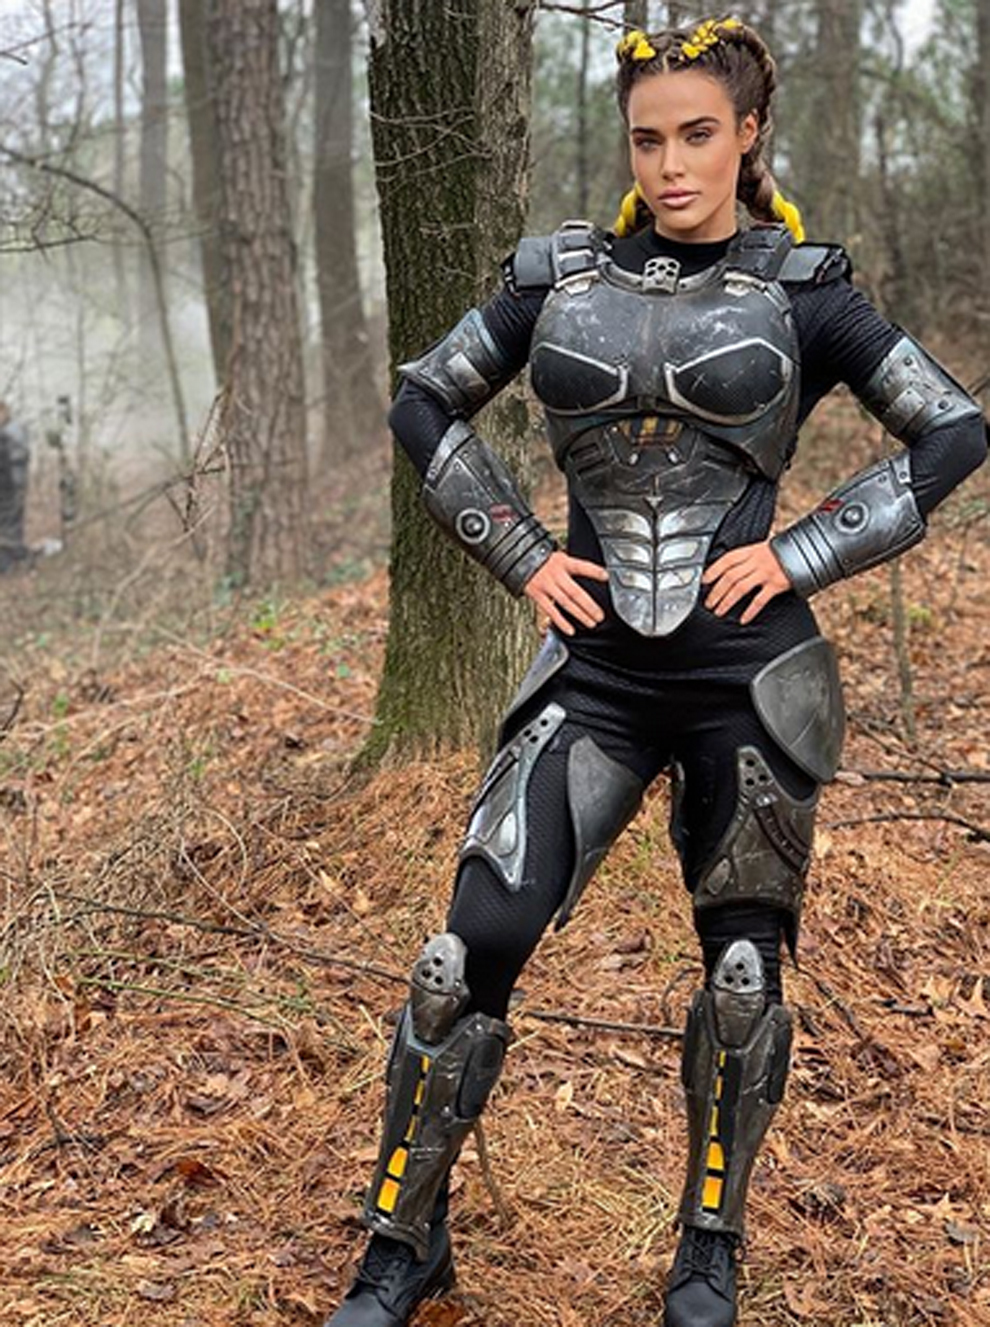 CJ Perry, famosa luchadora conocida en la WWE como Lana, en su papel...